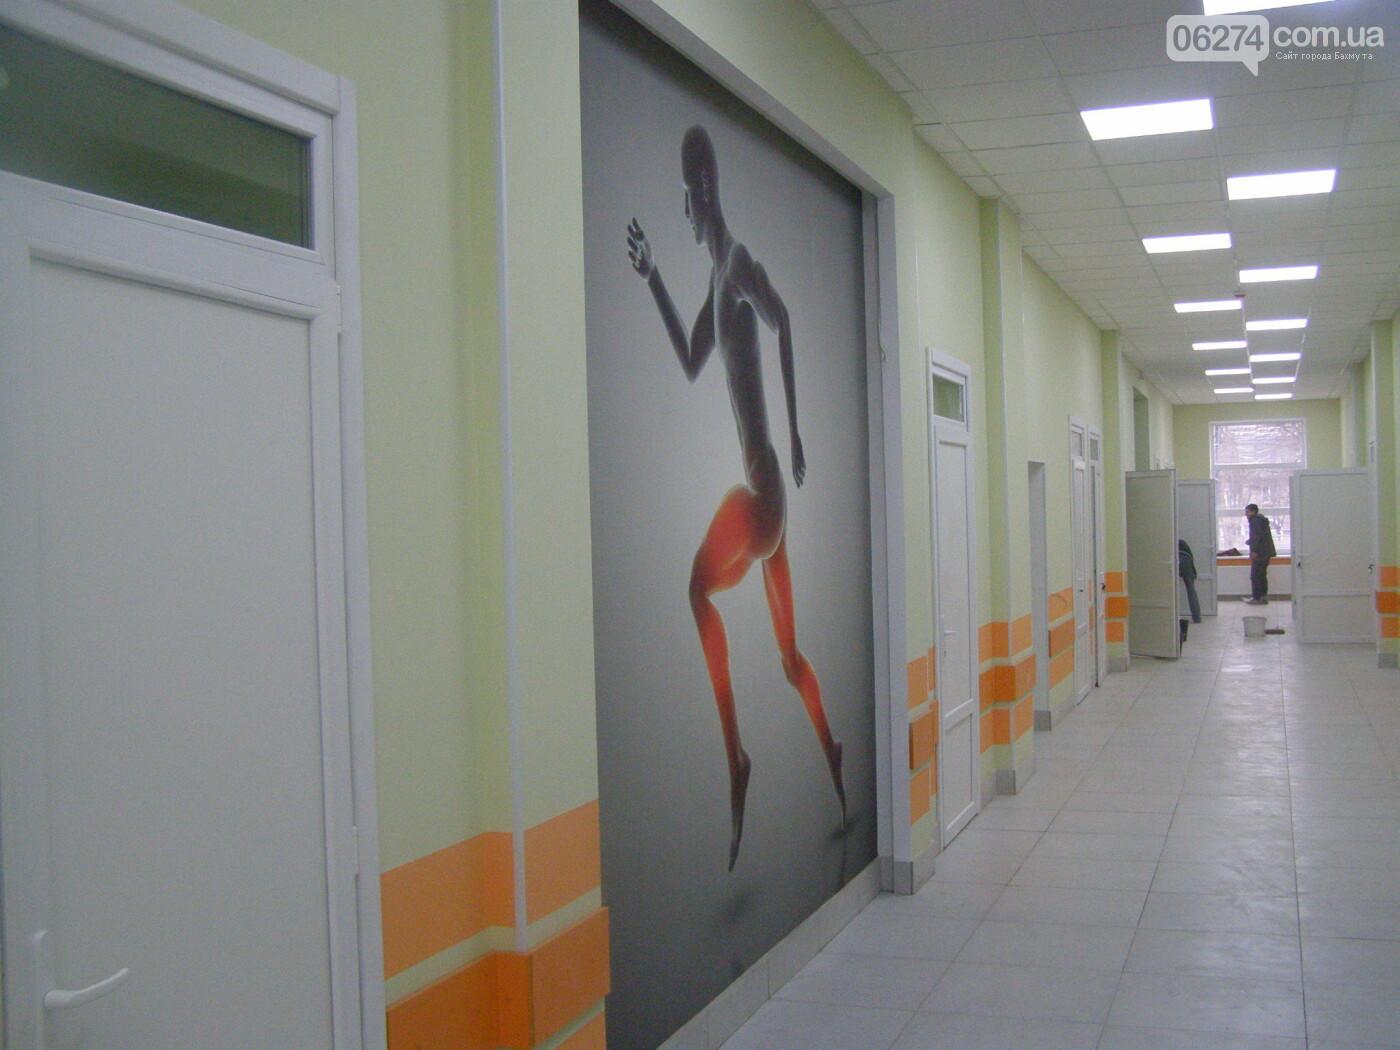 Во врачебно-физкультурном диспансере в Бахмуте завершена реконструкция главного корпуса, фото-6